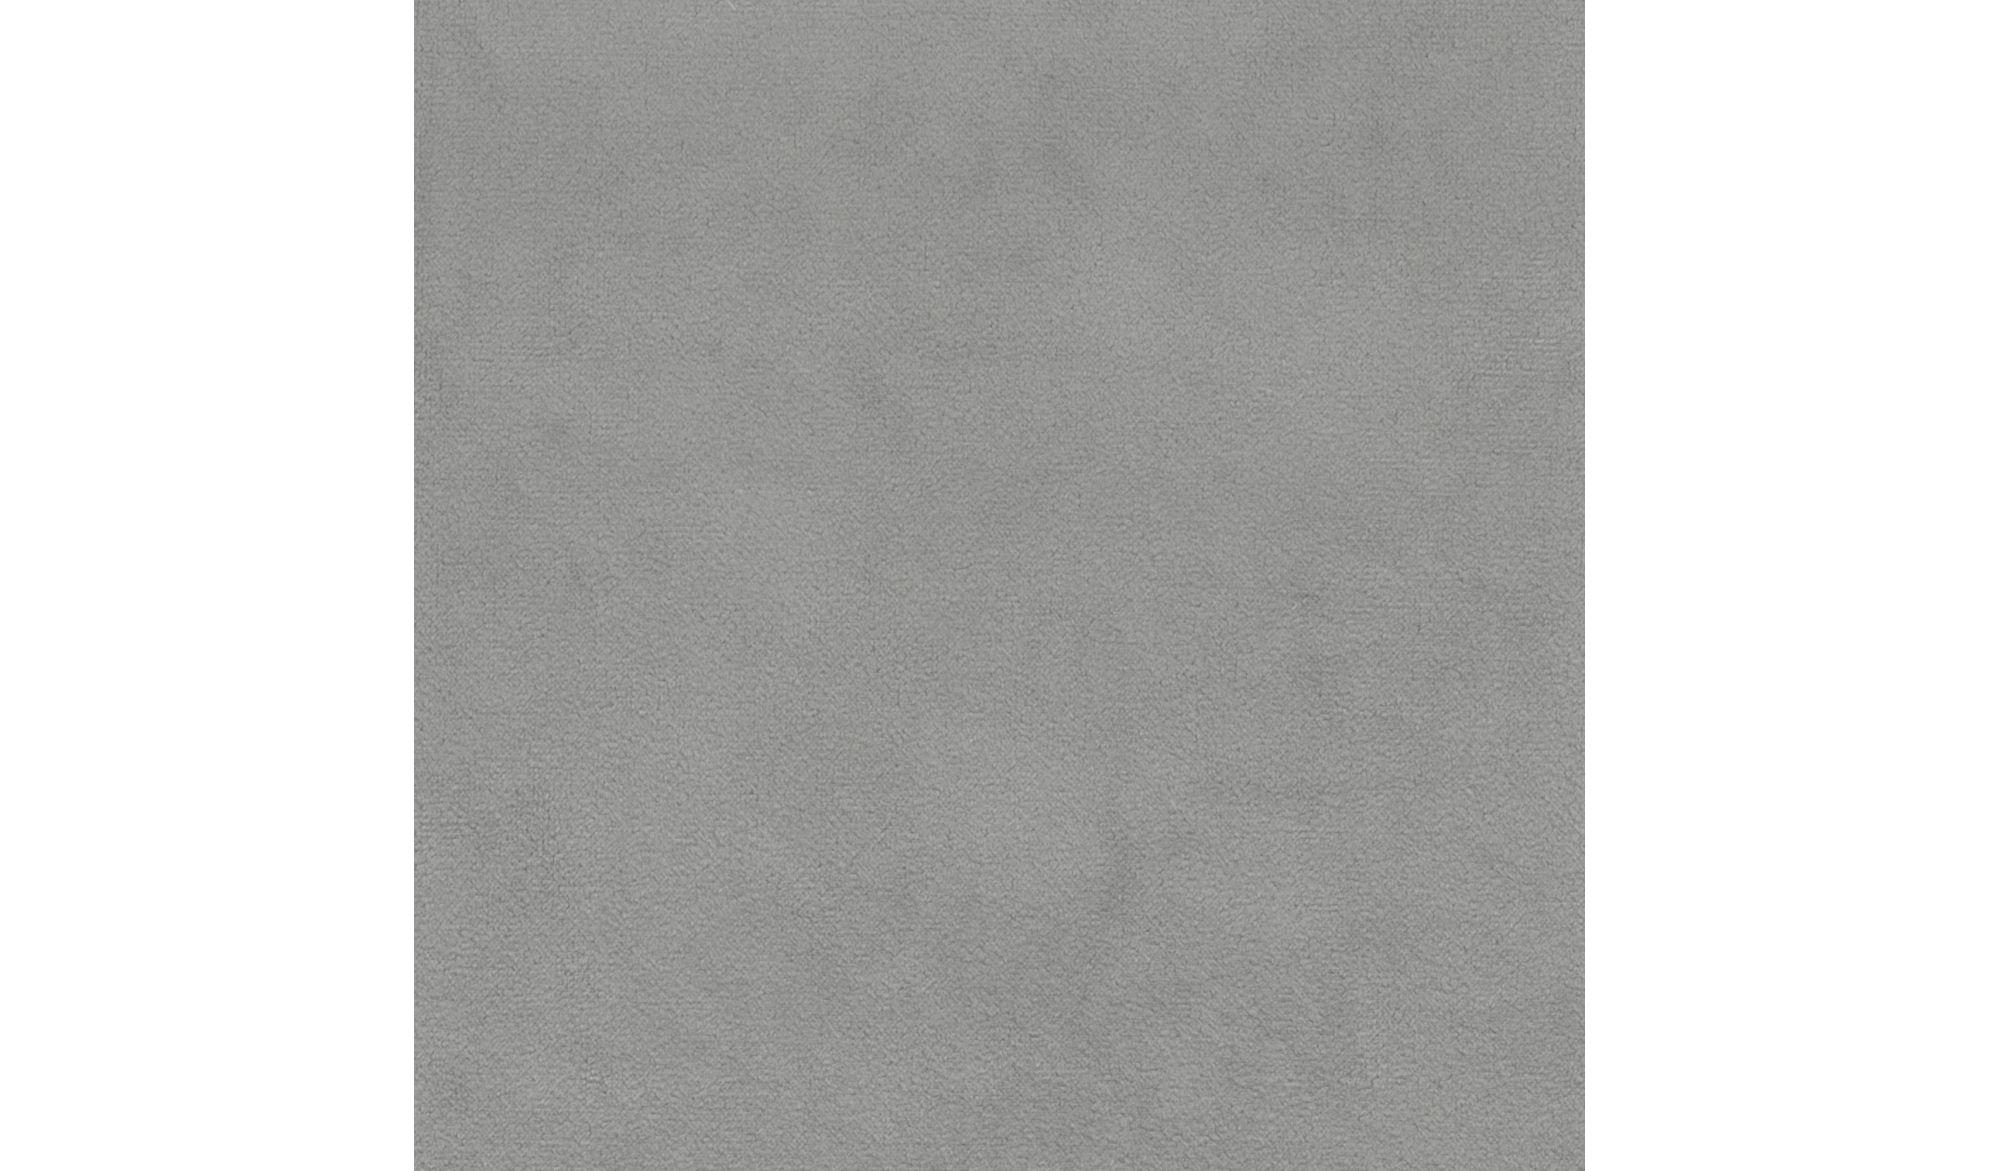 SCOT Aluminium-05